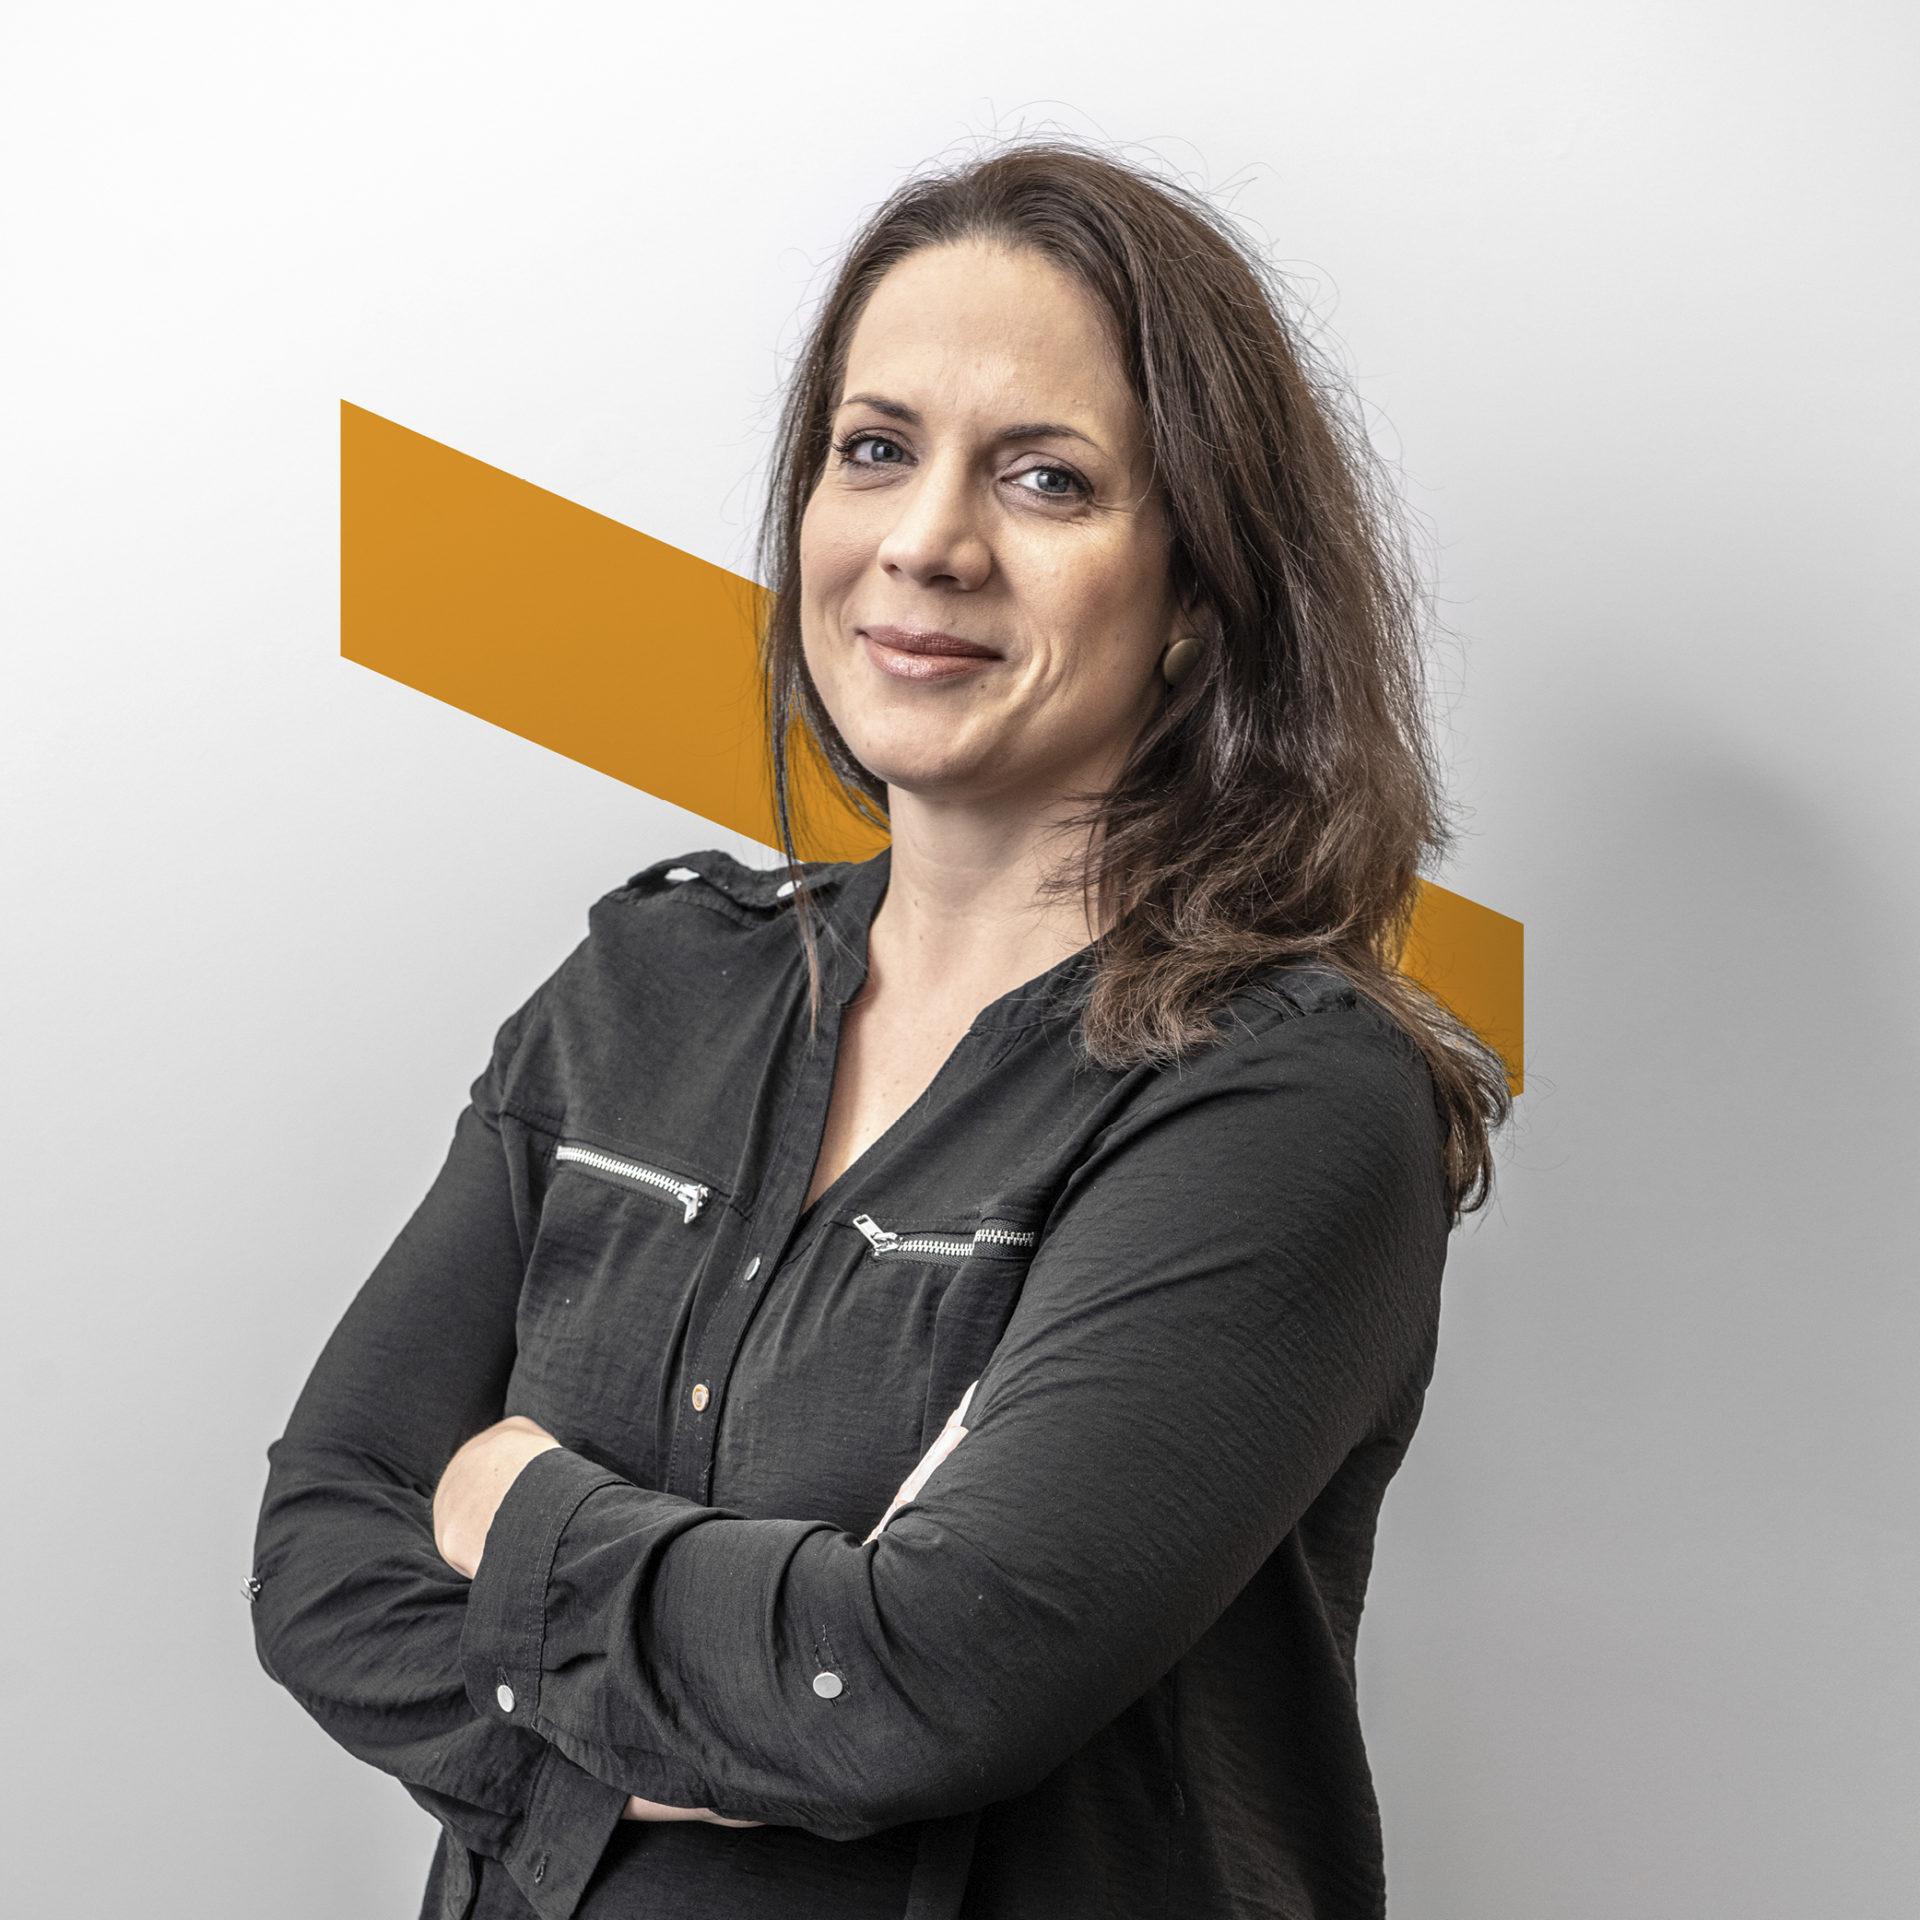 Sarah Jechalke